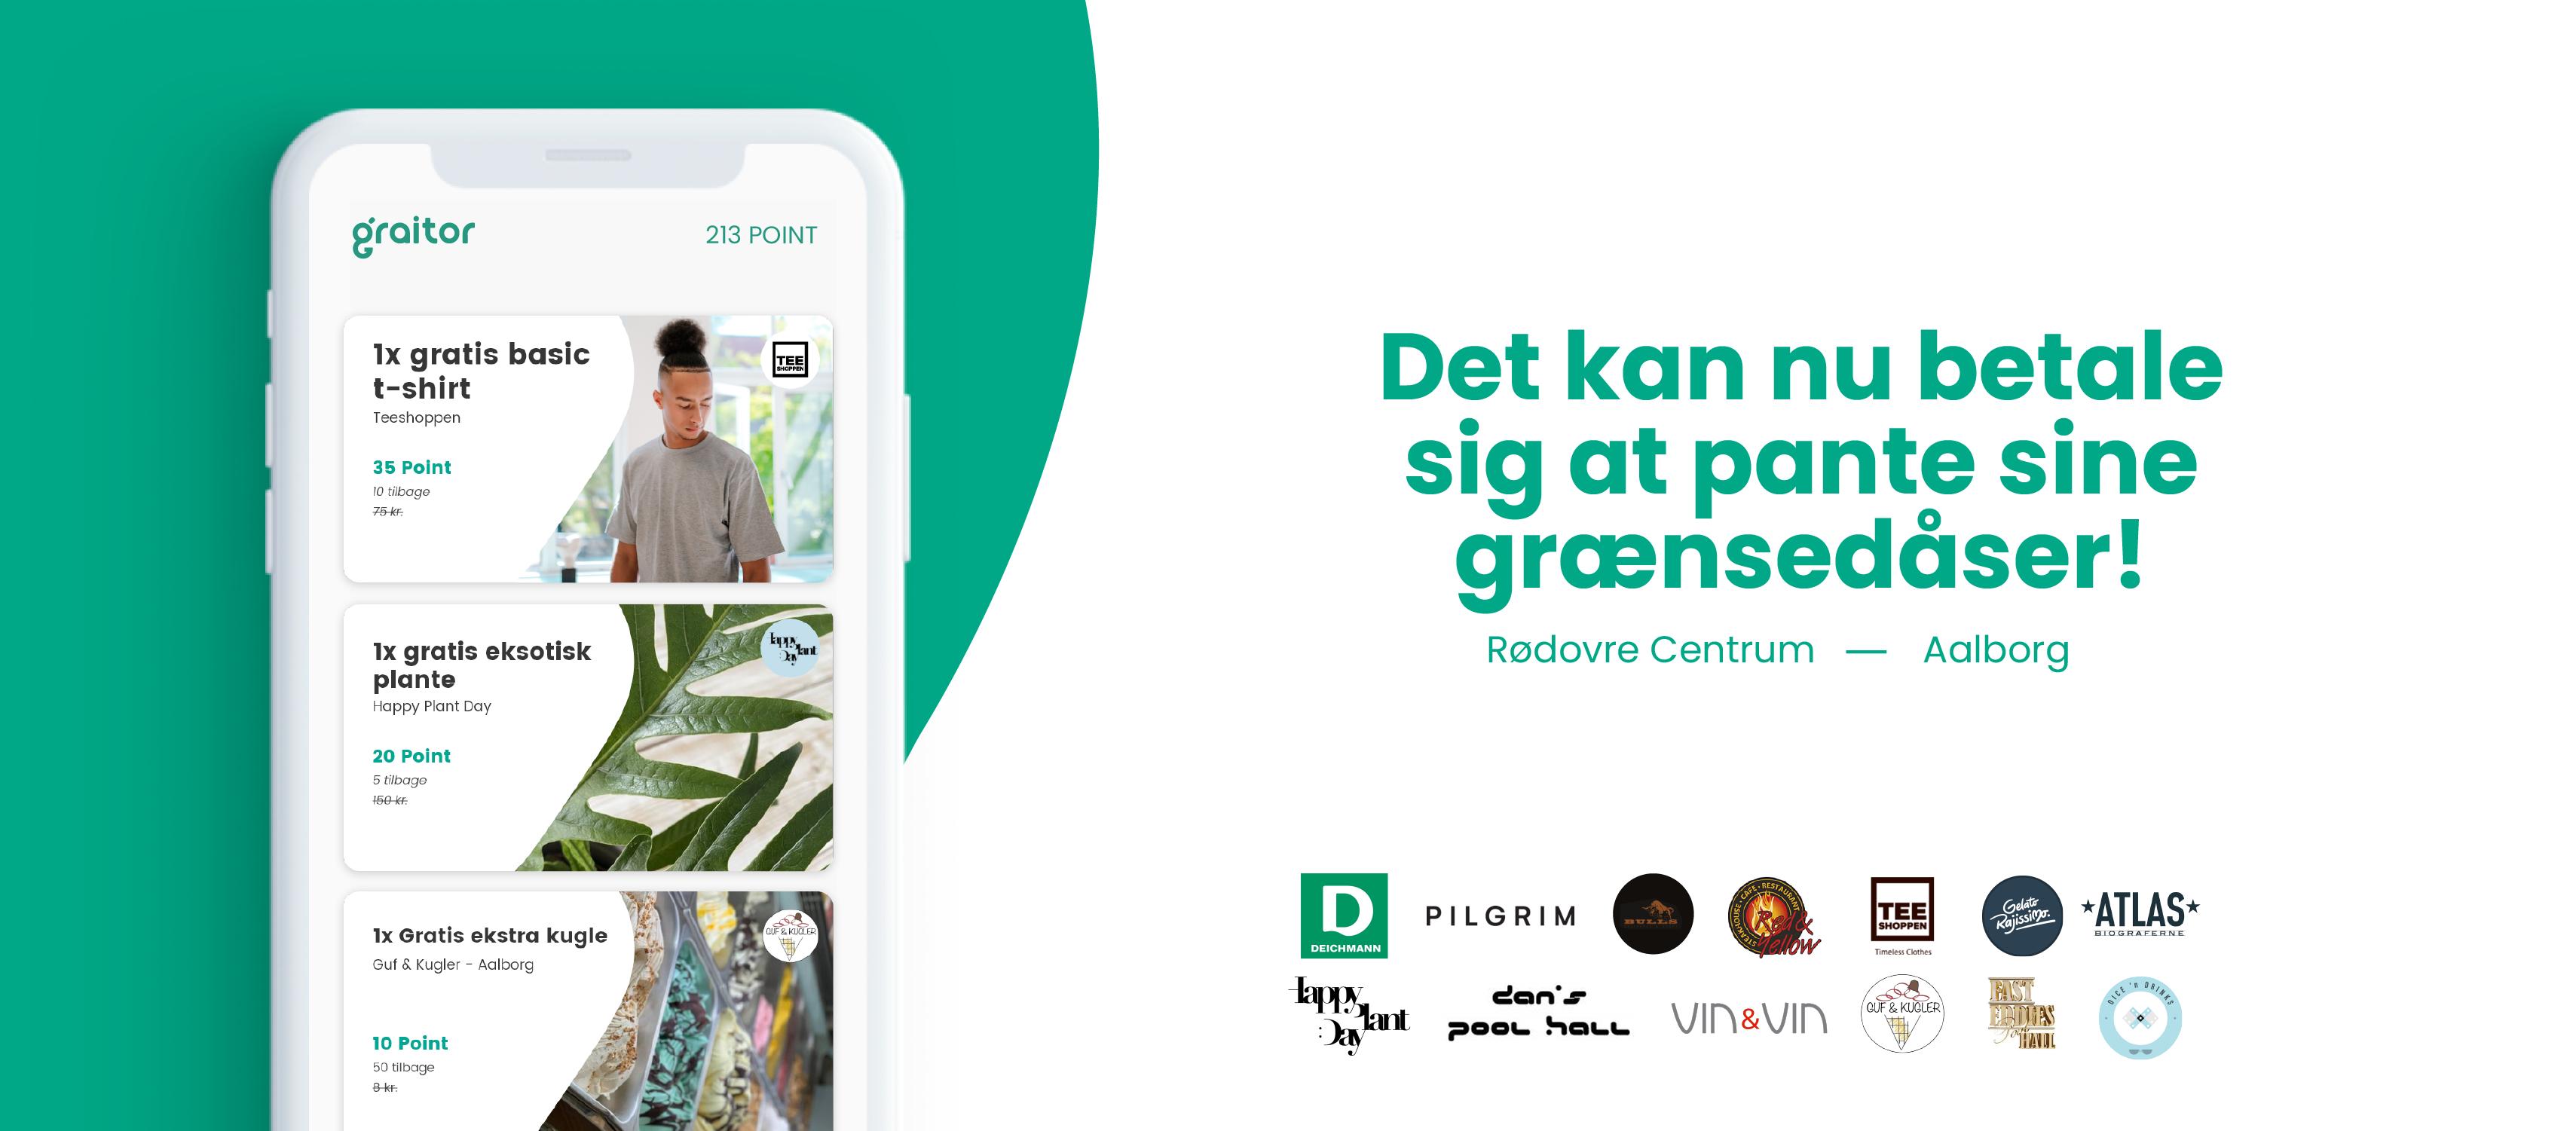 Pant på grænsedåser: Ny pantapp lanceres i Aalborg